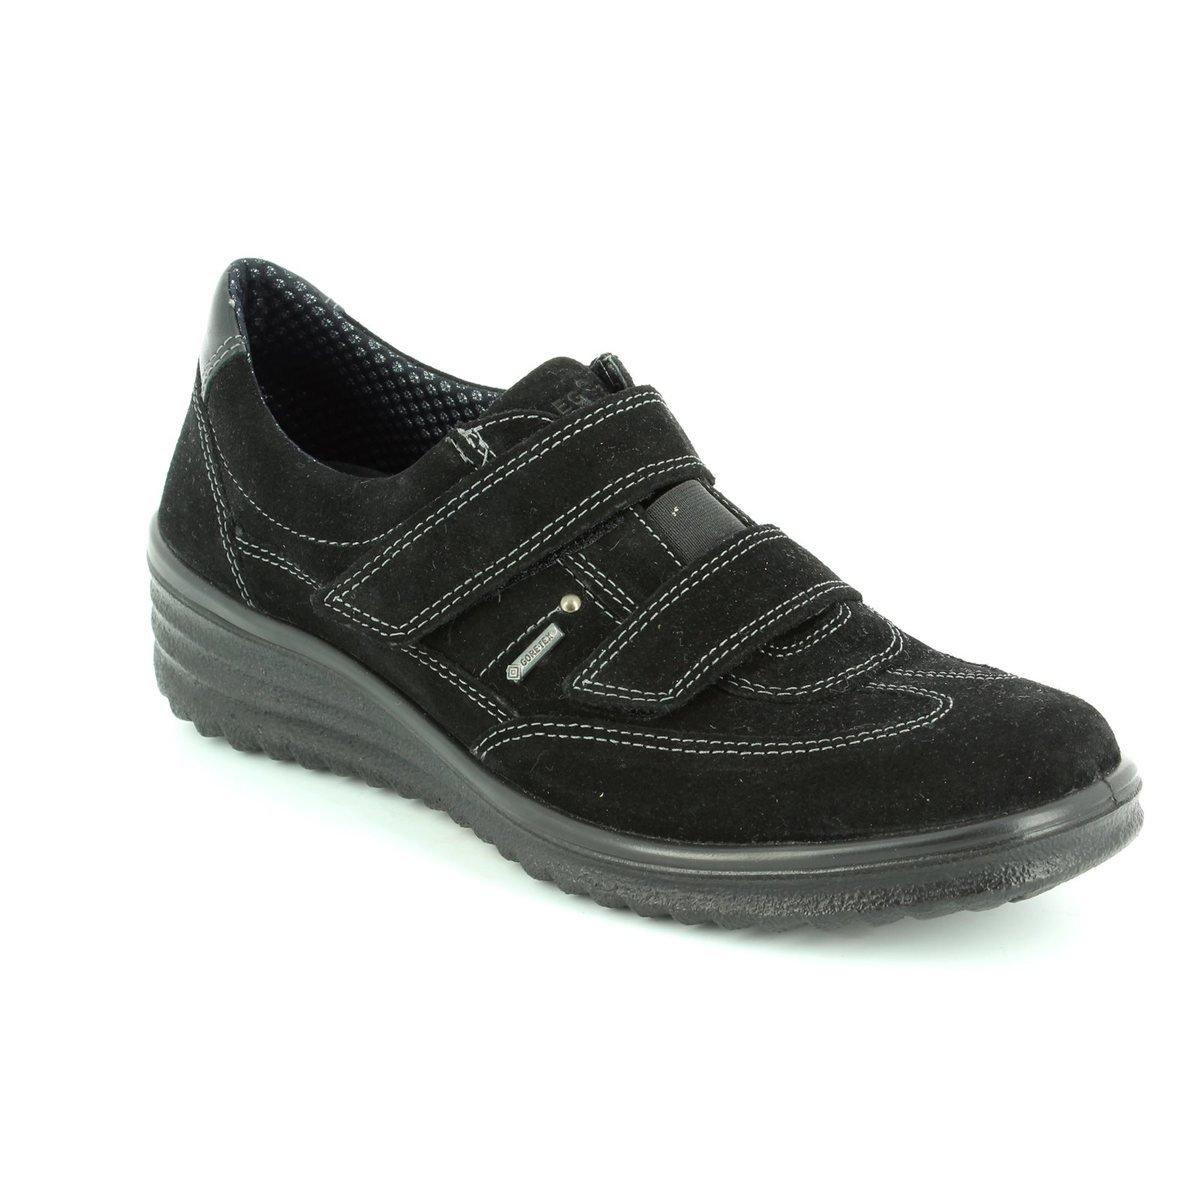 Legero Damen Slipper Damen Klettschuh GTX 565-00 schwarz 198969  | Sorgfältig ausgewählte Materialien  | Hat einen langen Ruf